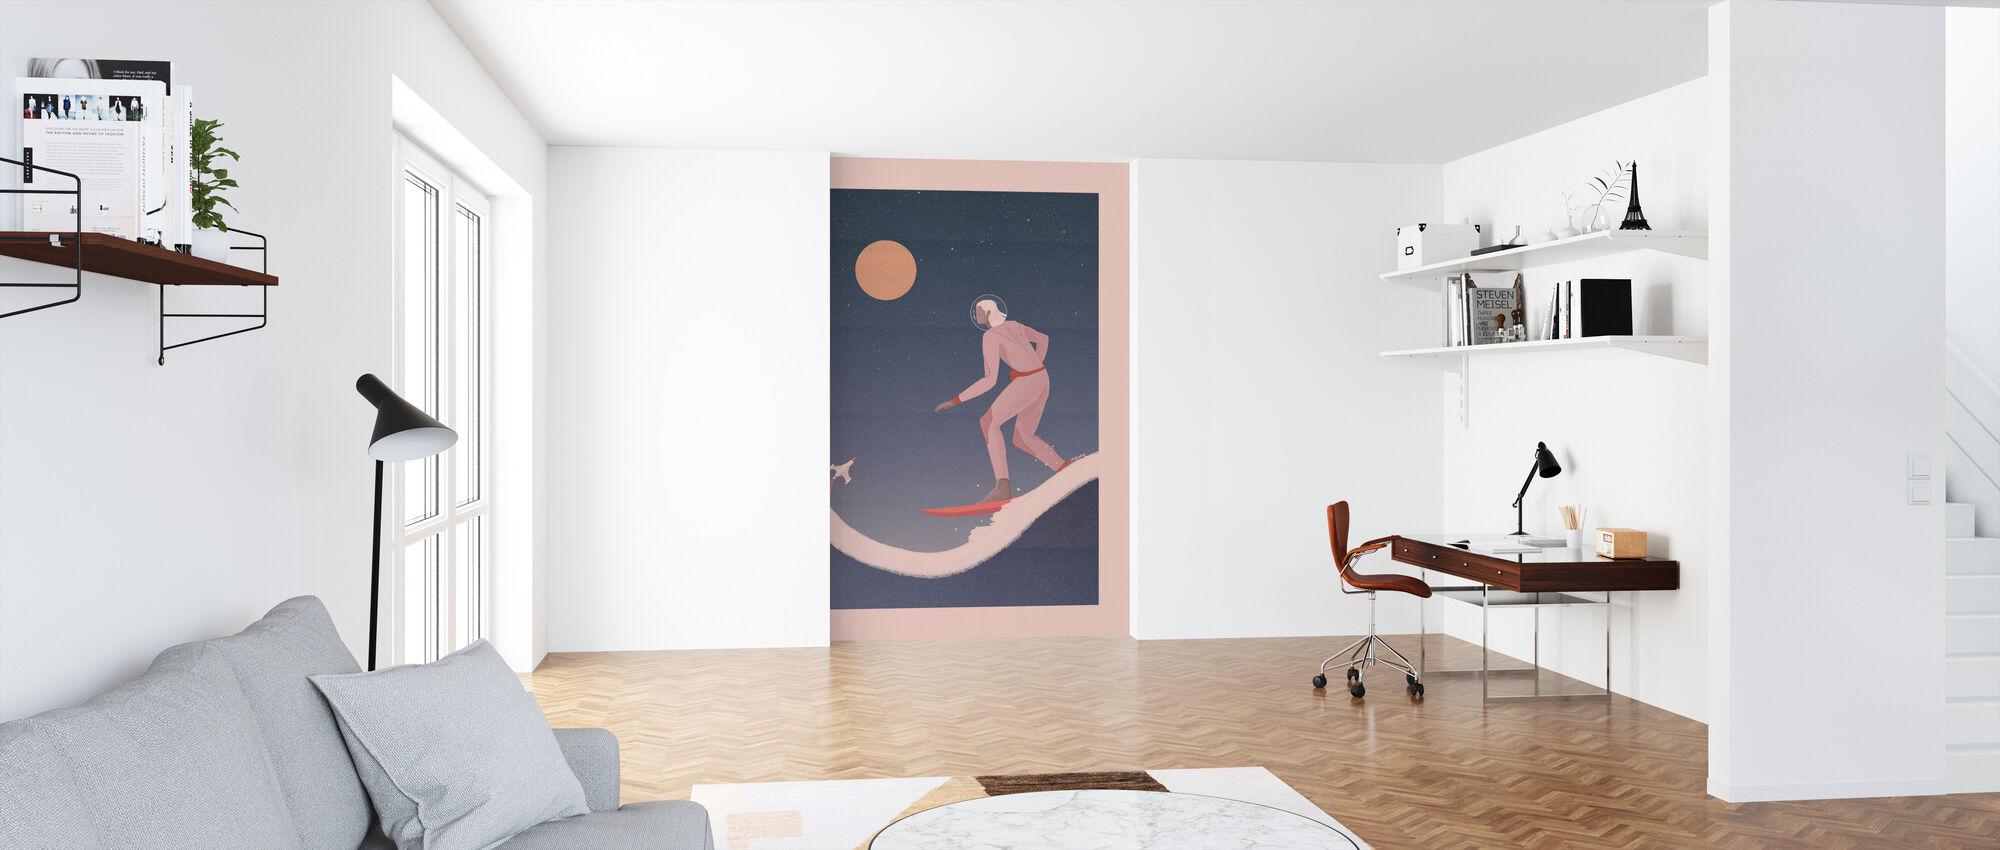 Surfen op andere planeten - Behang - Kantoor